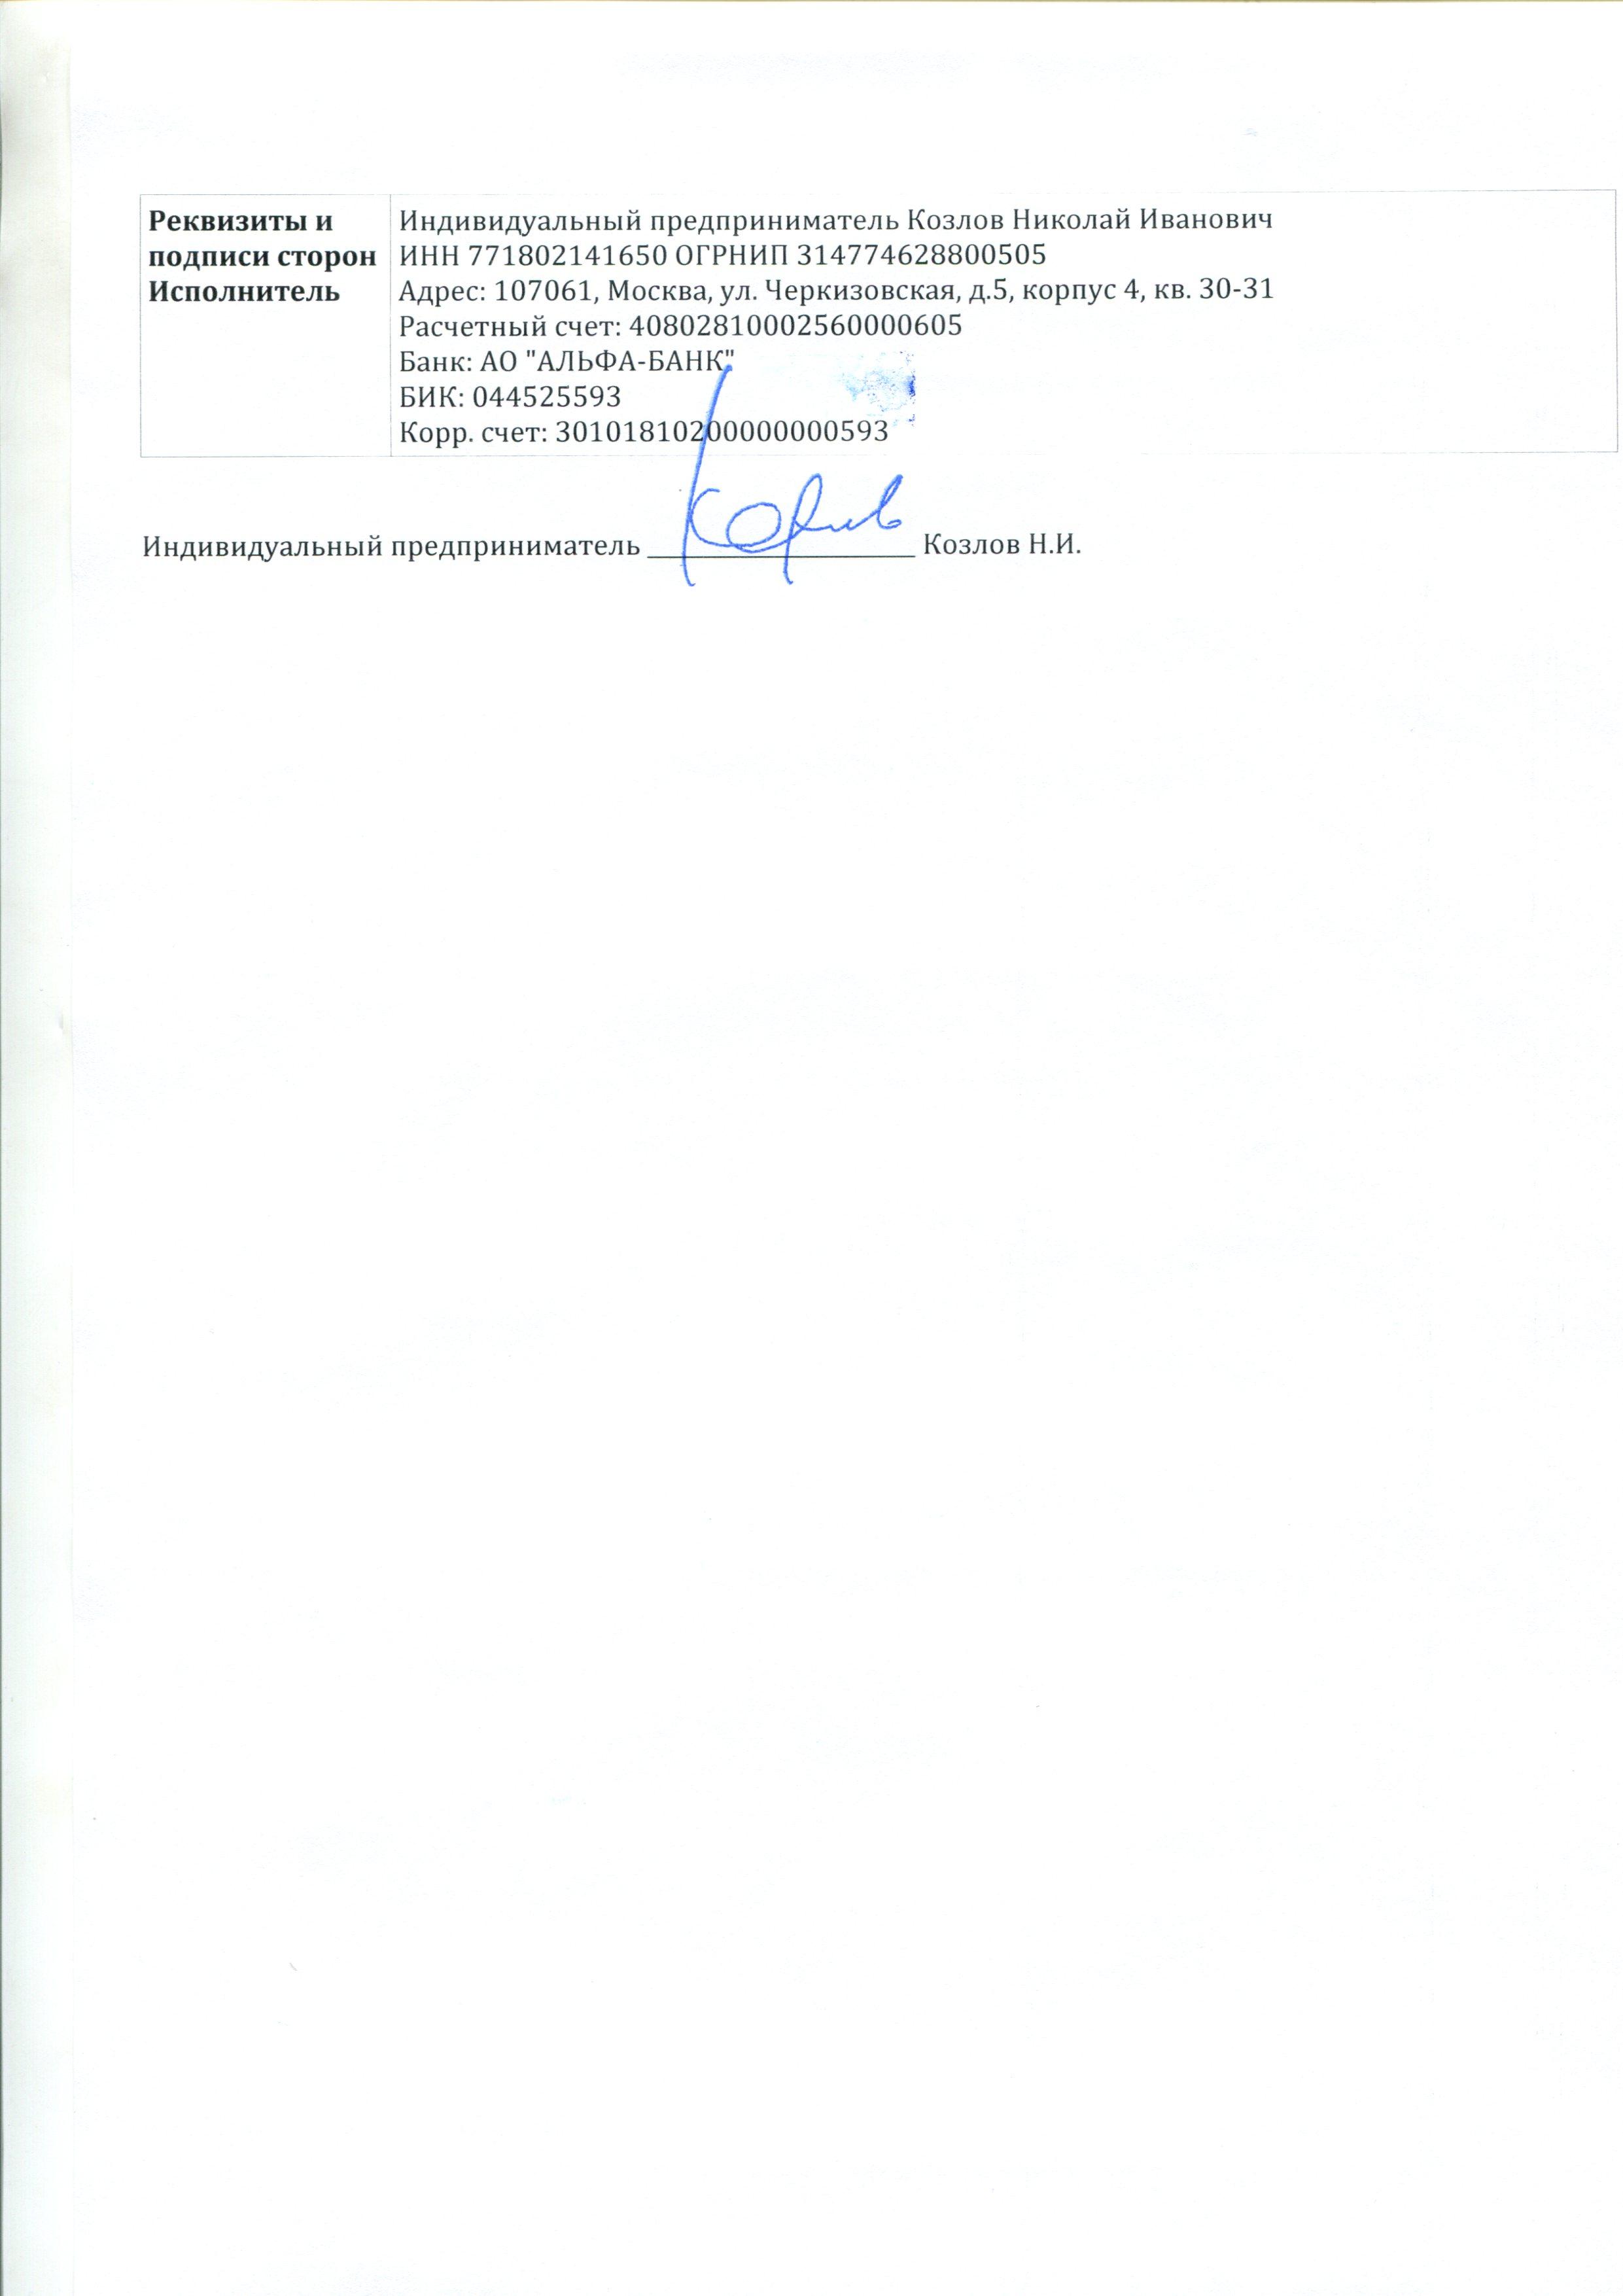 Договор публичной оферты3